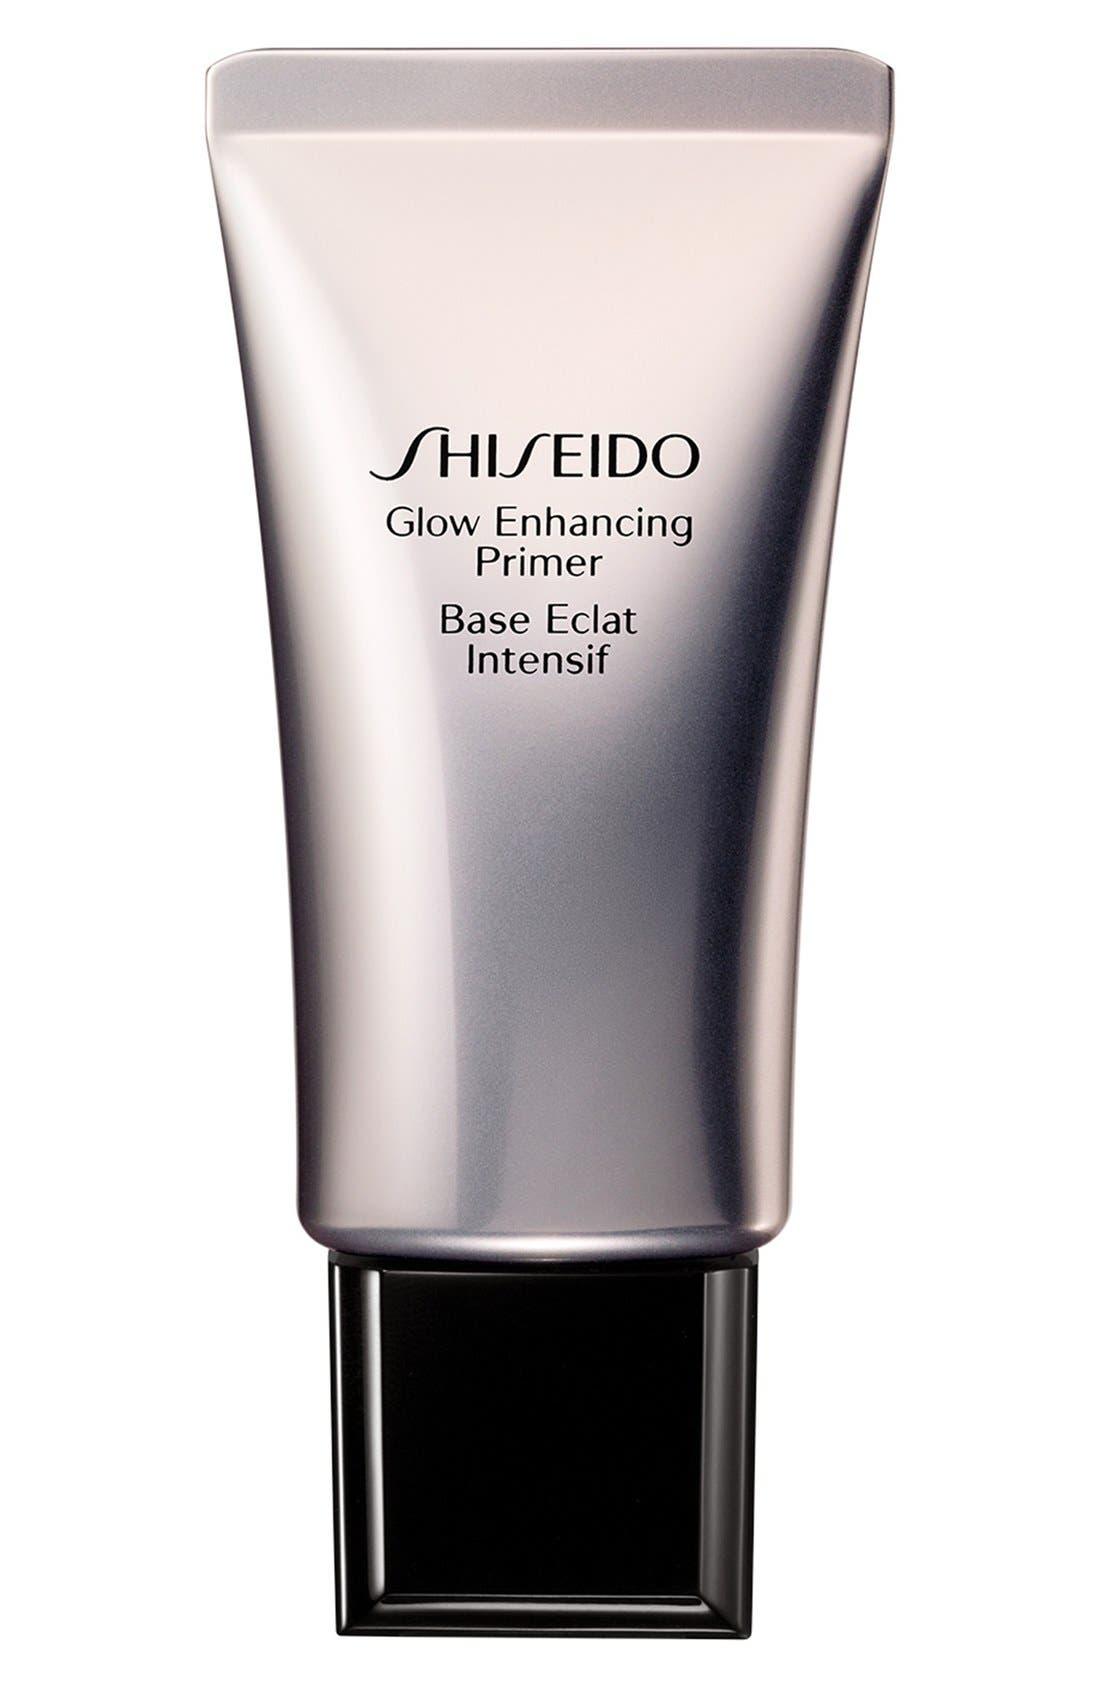 Shiseido 'Skin Glow' Enhancing Primer SPF 15